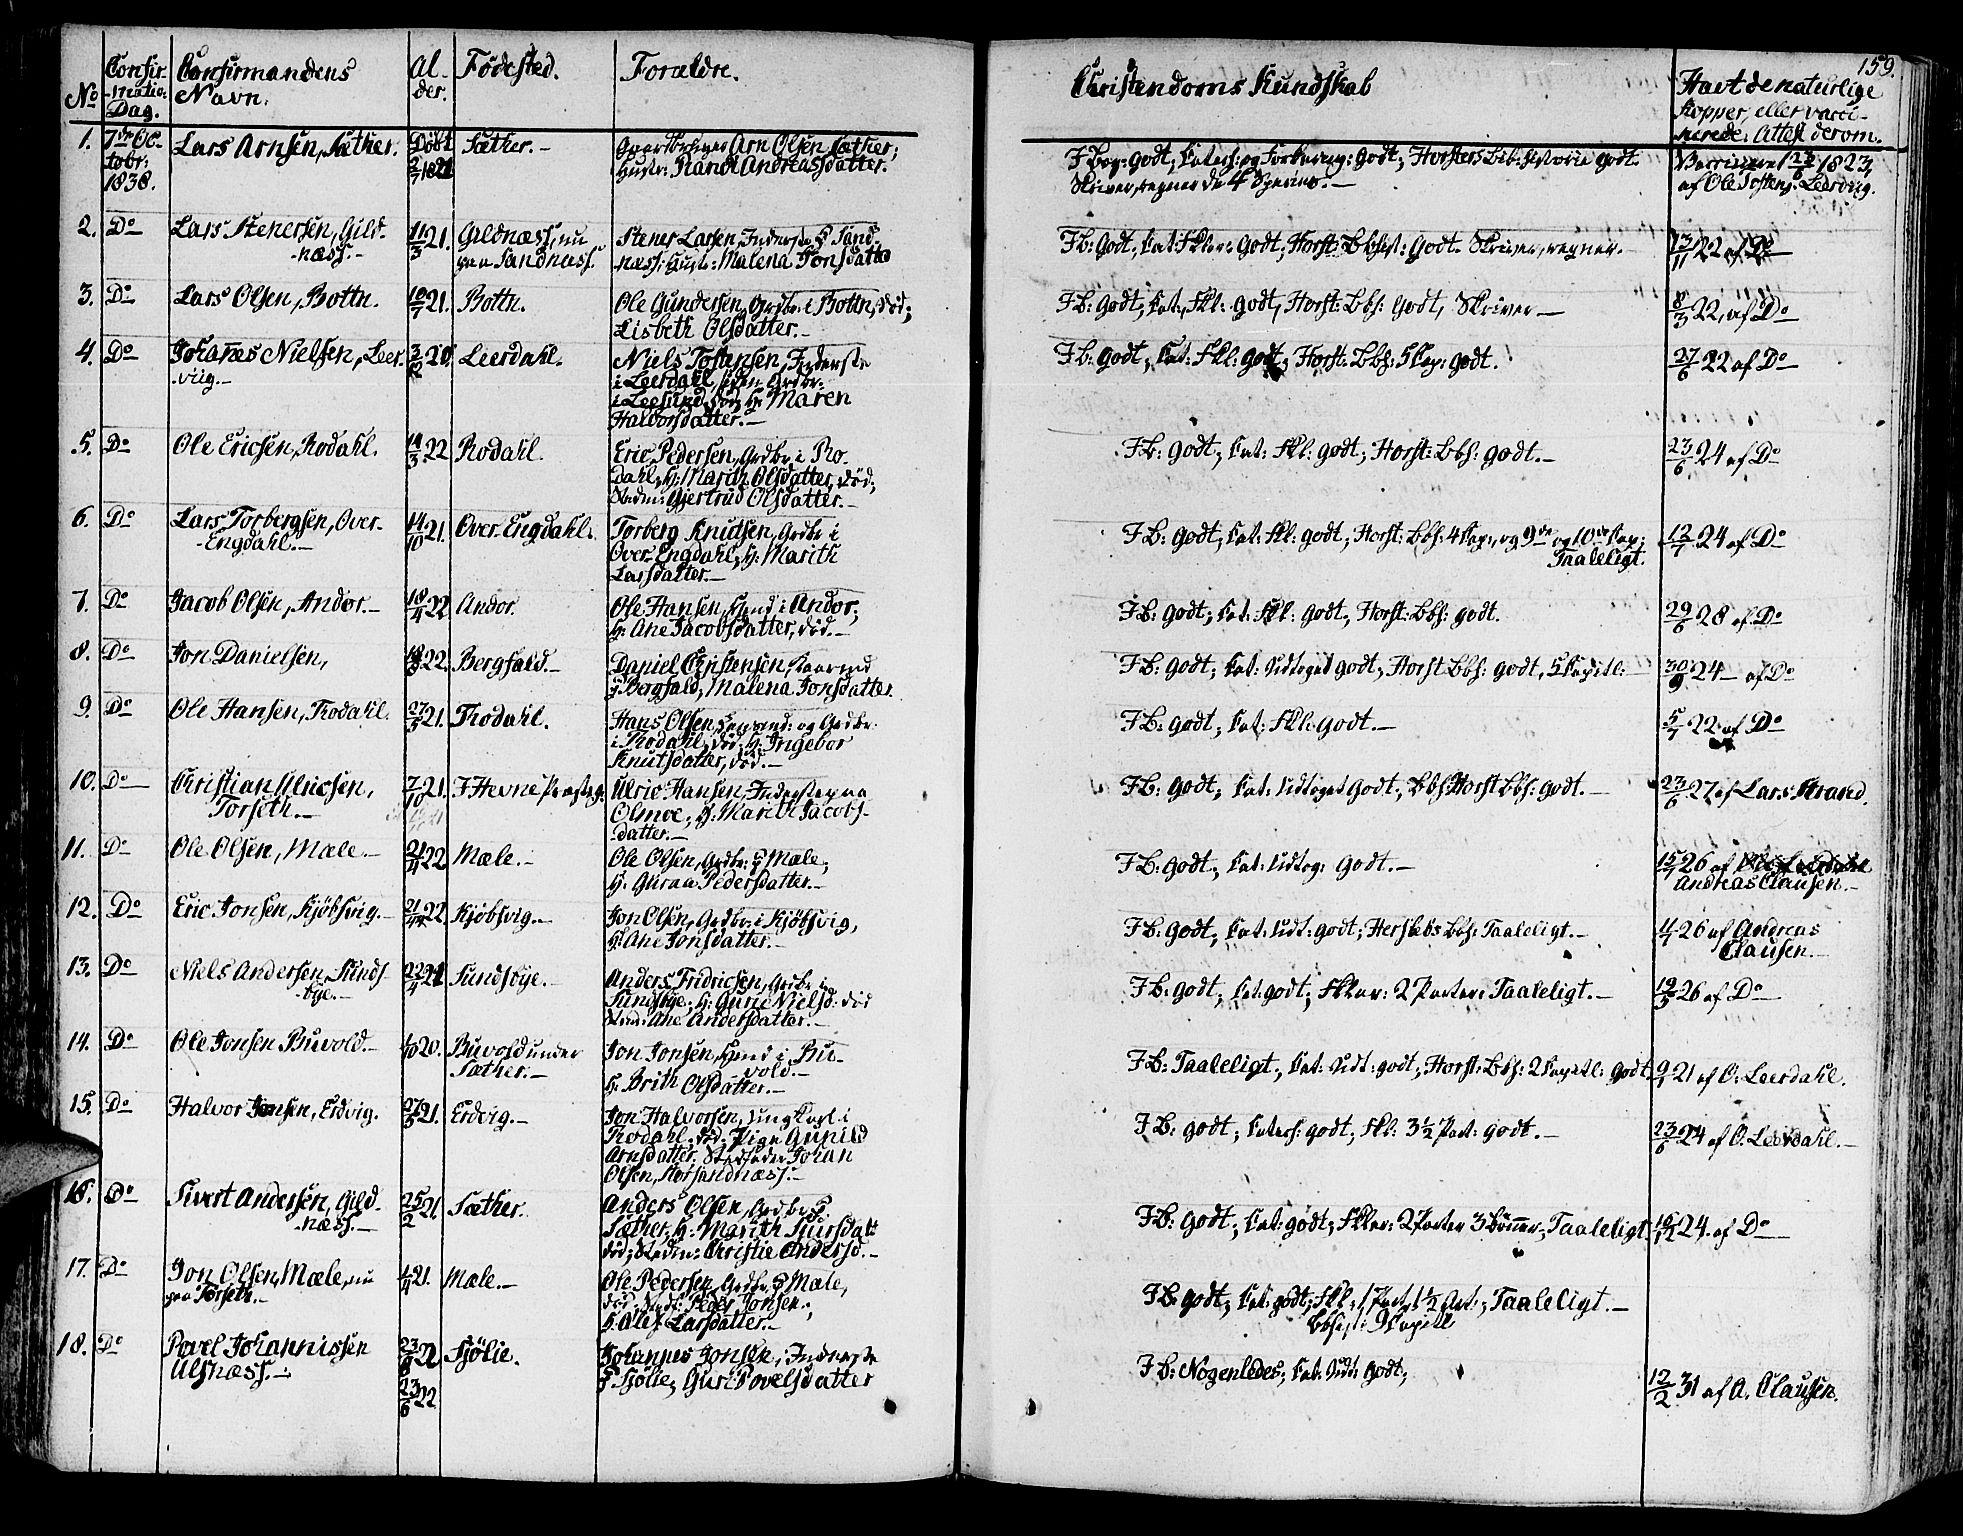 SAT, Ministerialprotokoller, klokkerbøker og fødselsregistre - Møre og Romsdal, 578/L0904: Ministerialbok nr. 578A03, 1836-1858, s. 159